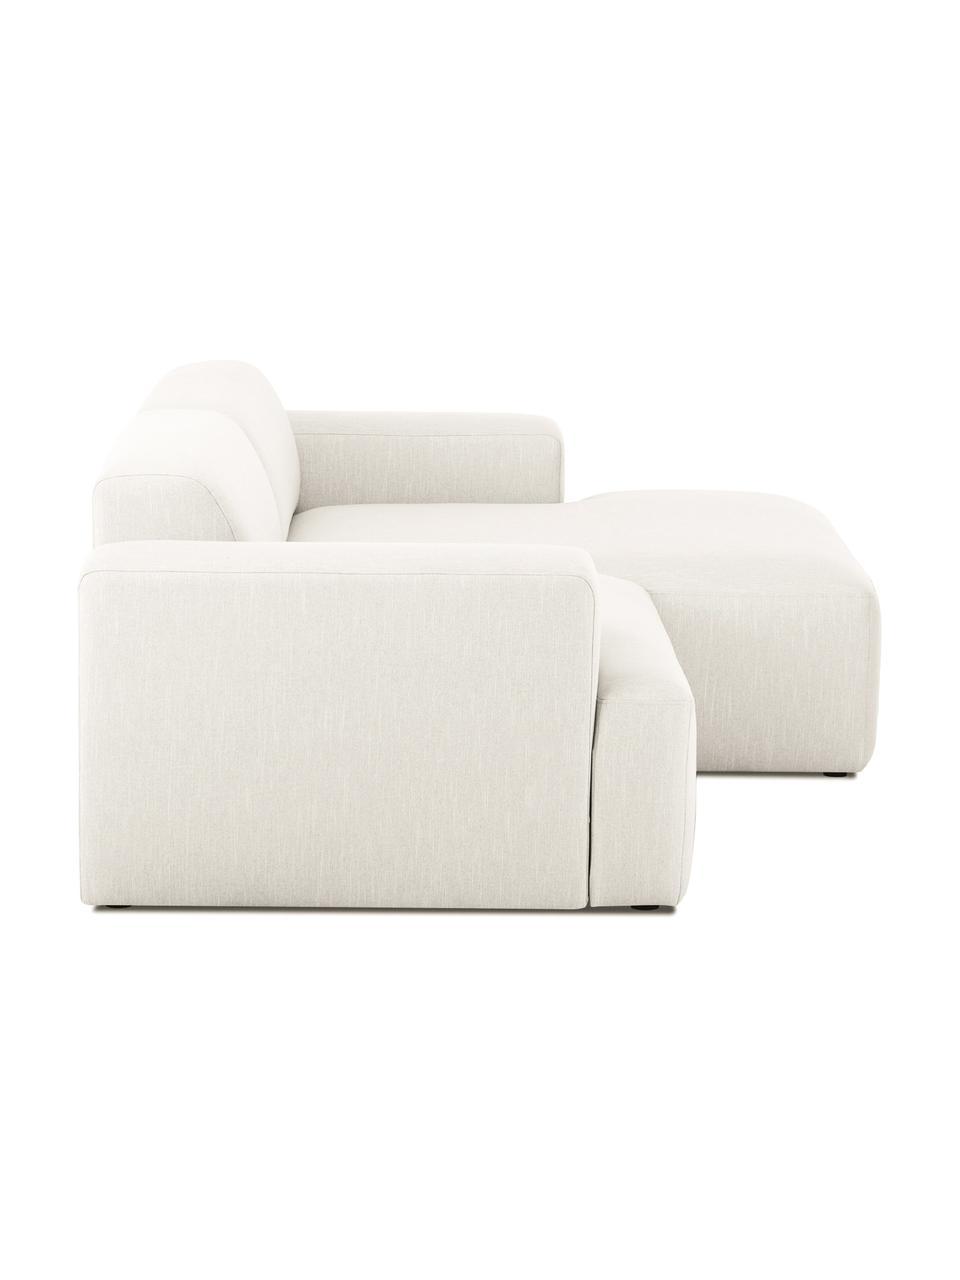 Ecksofa Melva (3-Sitzer) in Beige, Bezug: Polyester Der hochwertige, Gestell: Massives Kiefernholz, Spa, Webstoff Beige, B 240 x T 144 cm